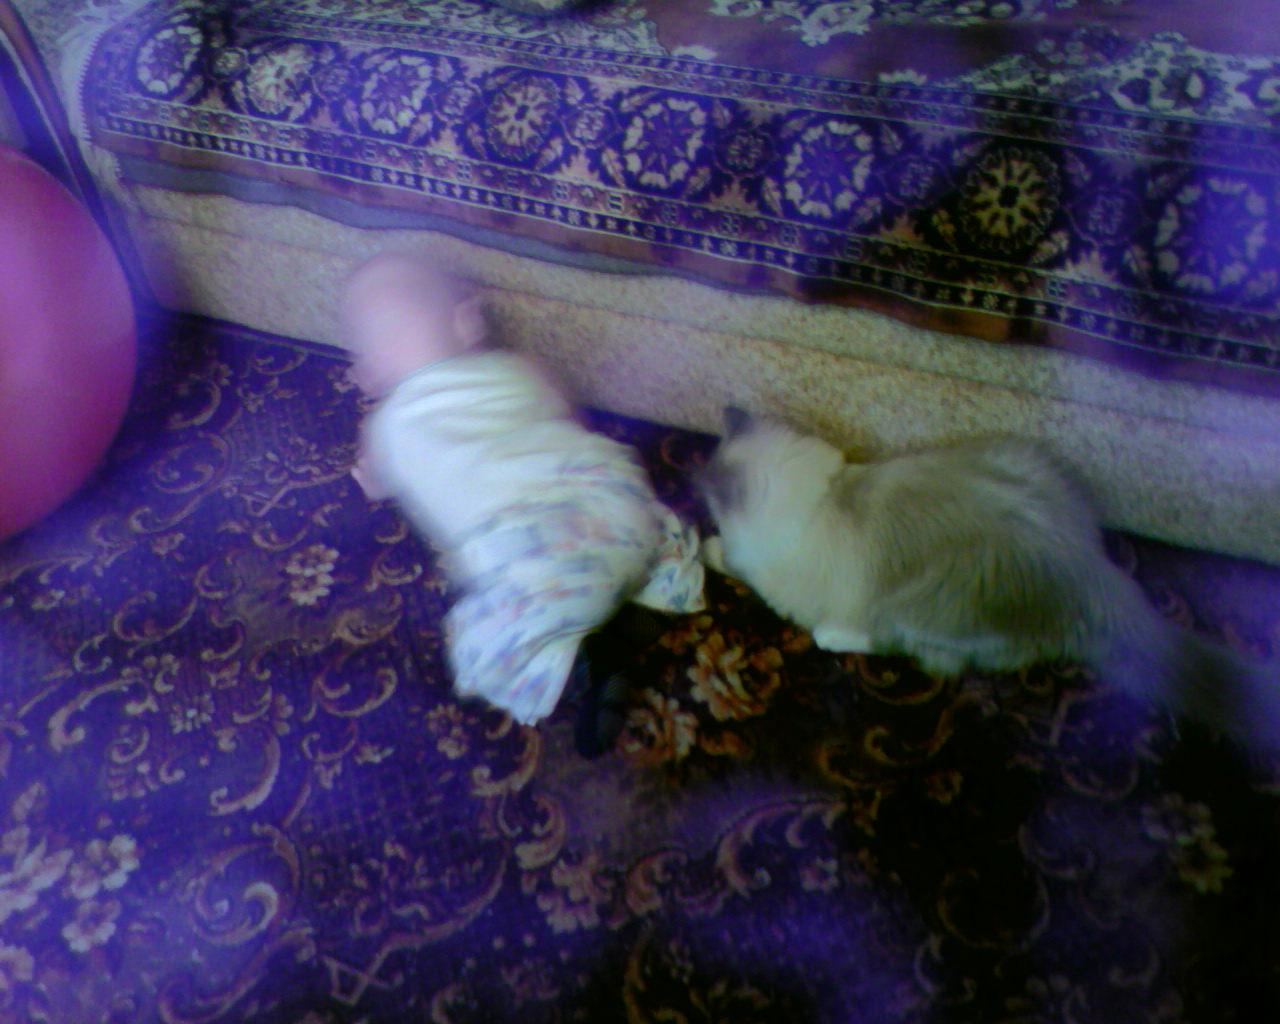 футбол для крошек Пуси и Степуси. Ребенок и   котенок